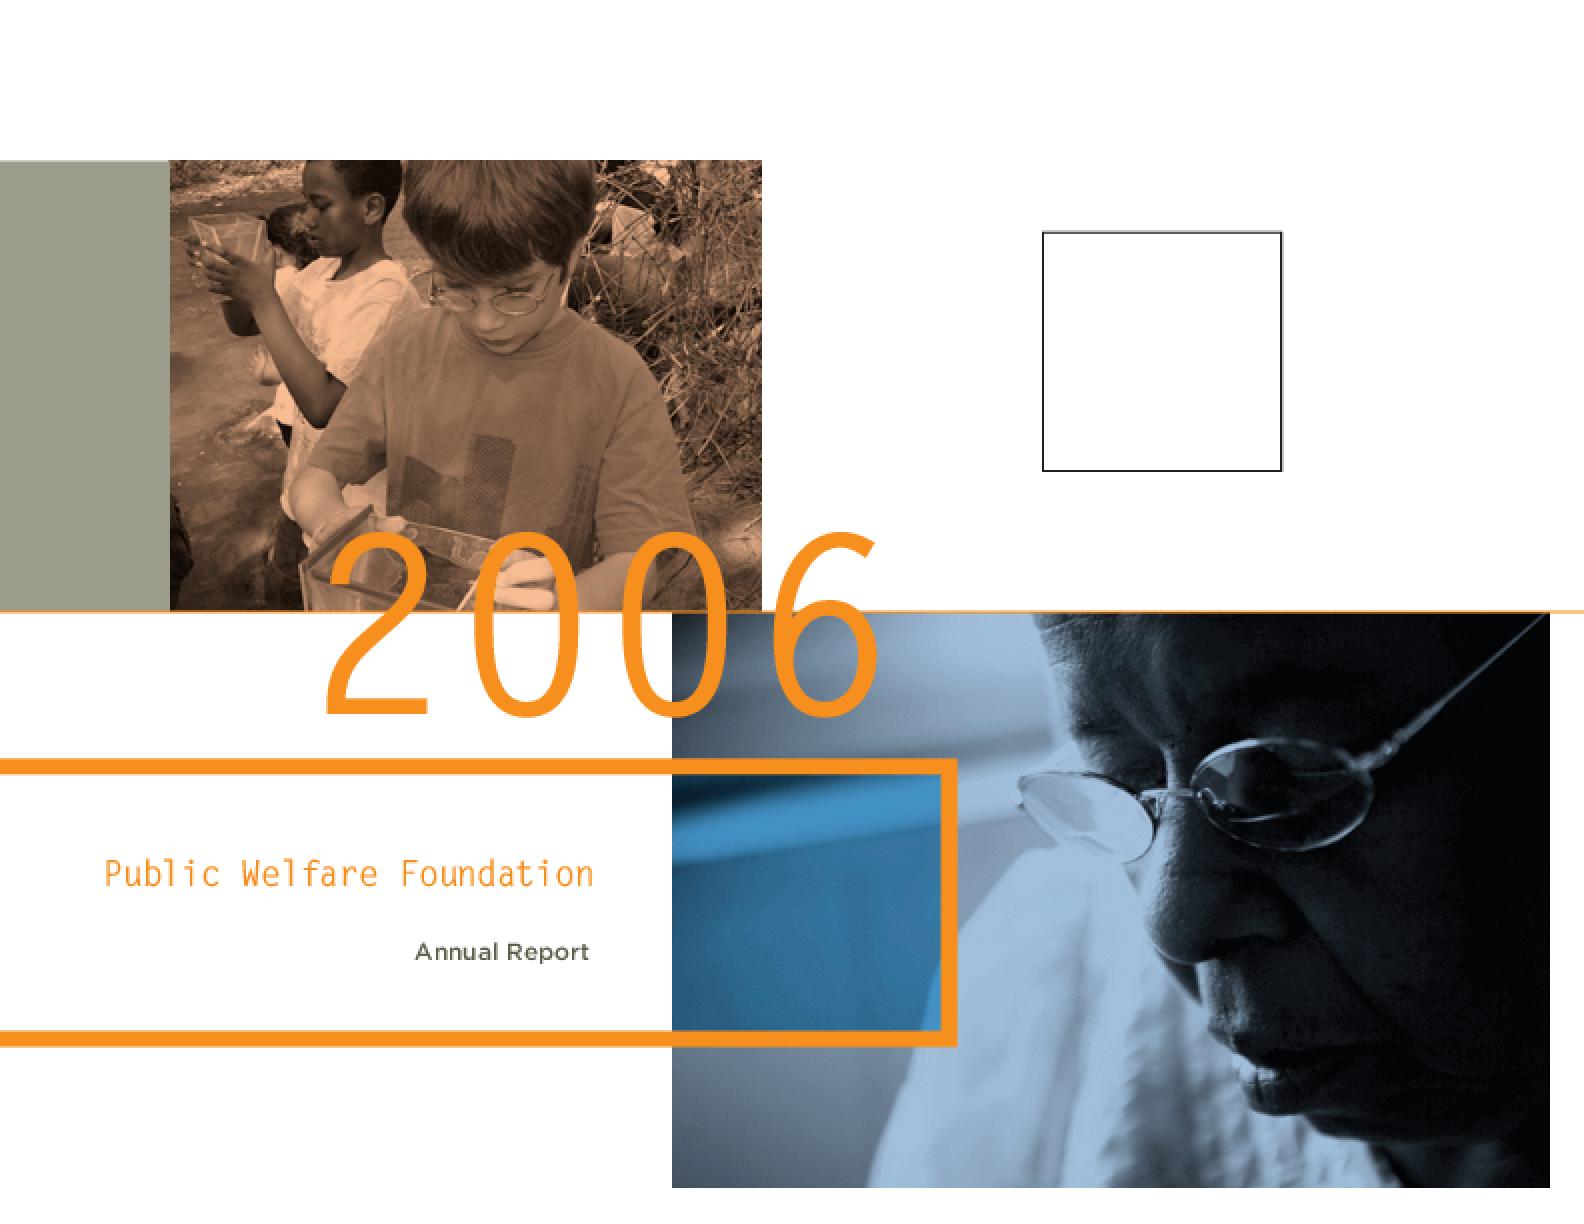 Public Welfare Foundation - 2006 Annual Report